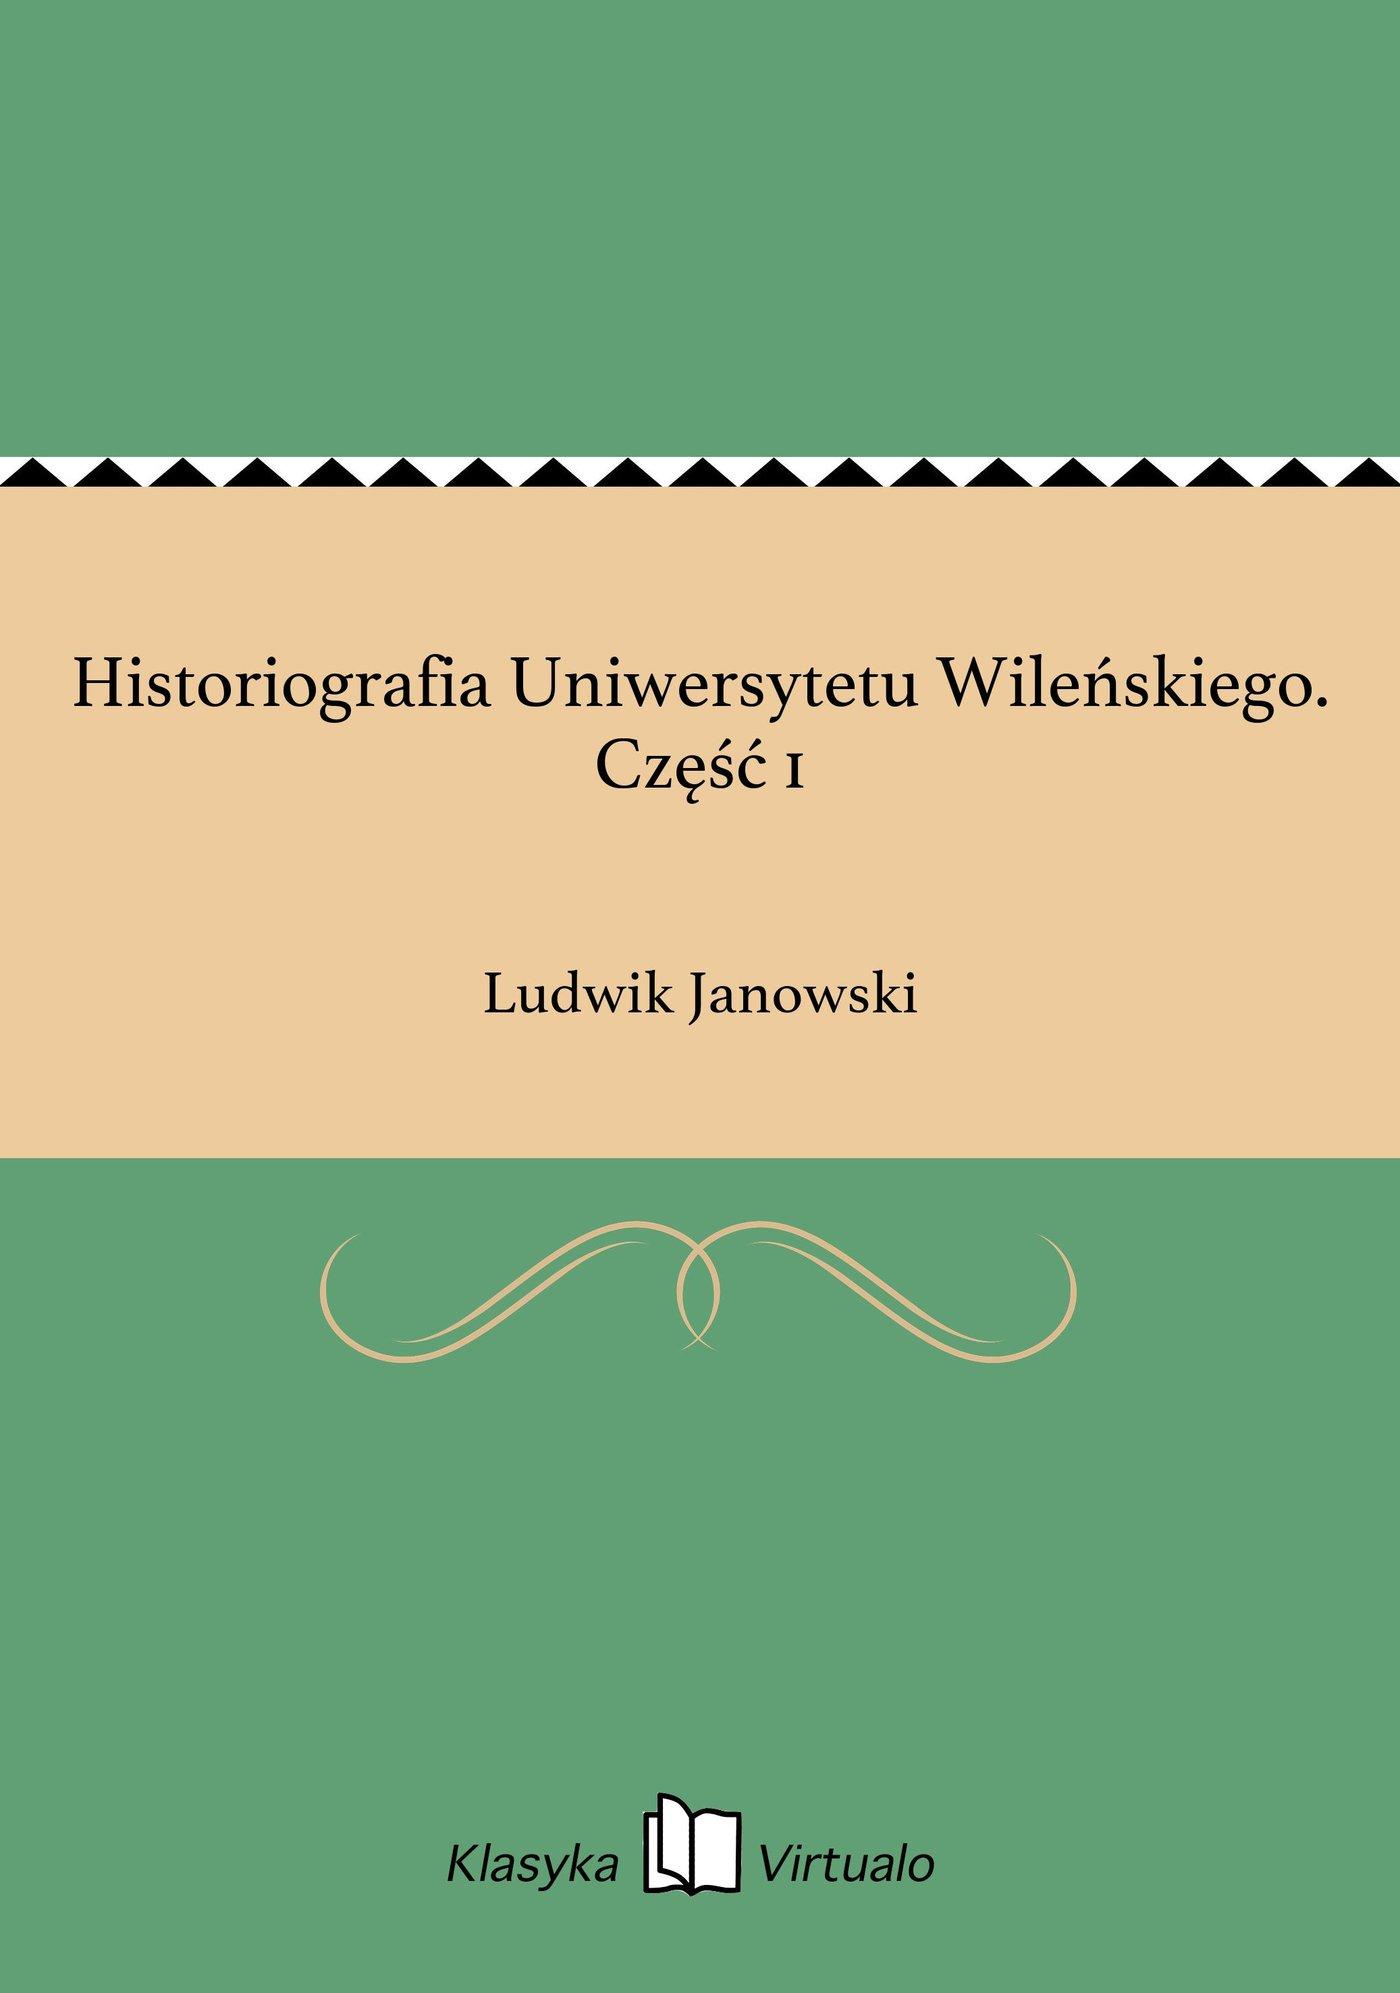 Historiografia Uniwersytetu Wileńskiego. Część 1 - Ebook (Książka EPUB) do pobrania w formacie EPUB